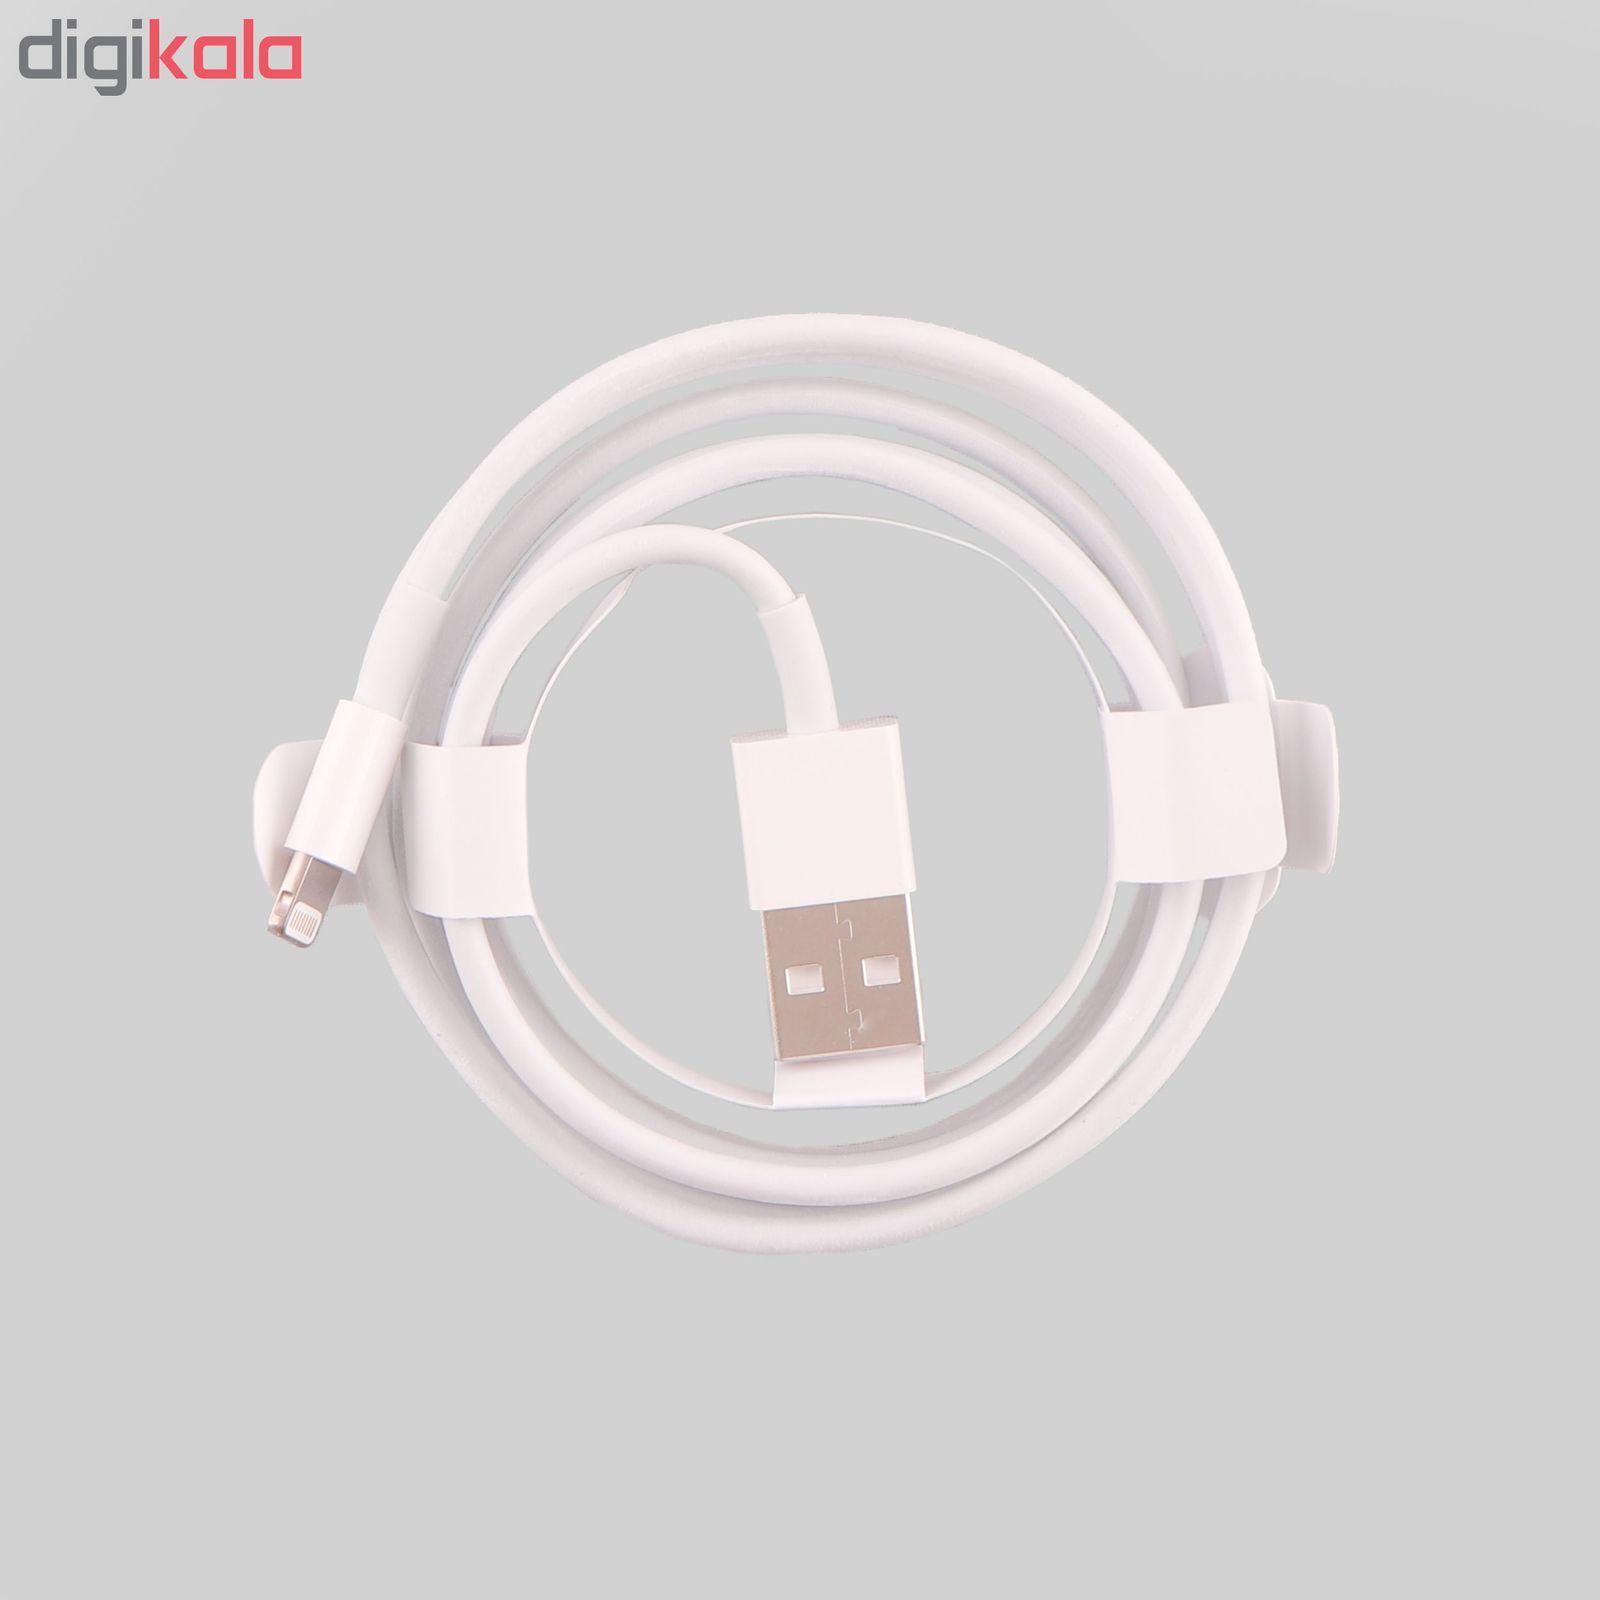 کابل تبدیل USB به لایتنینگ مدل A 1480 طول 1 متر main 1 1